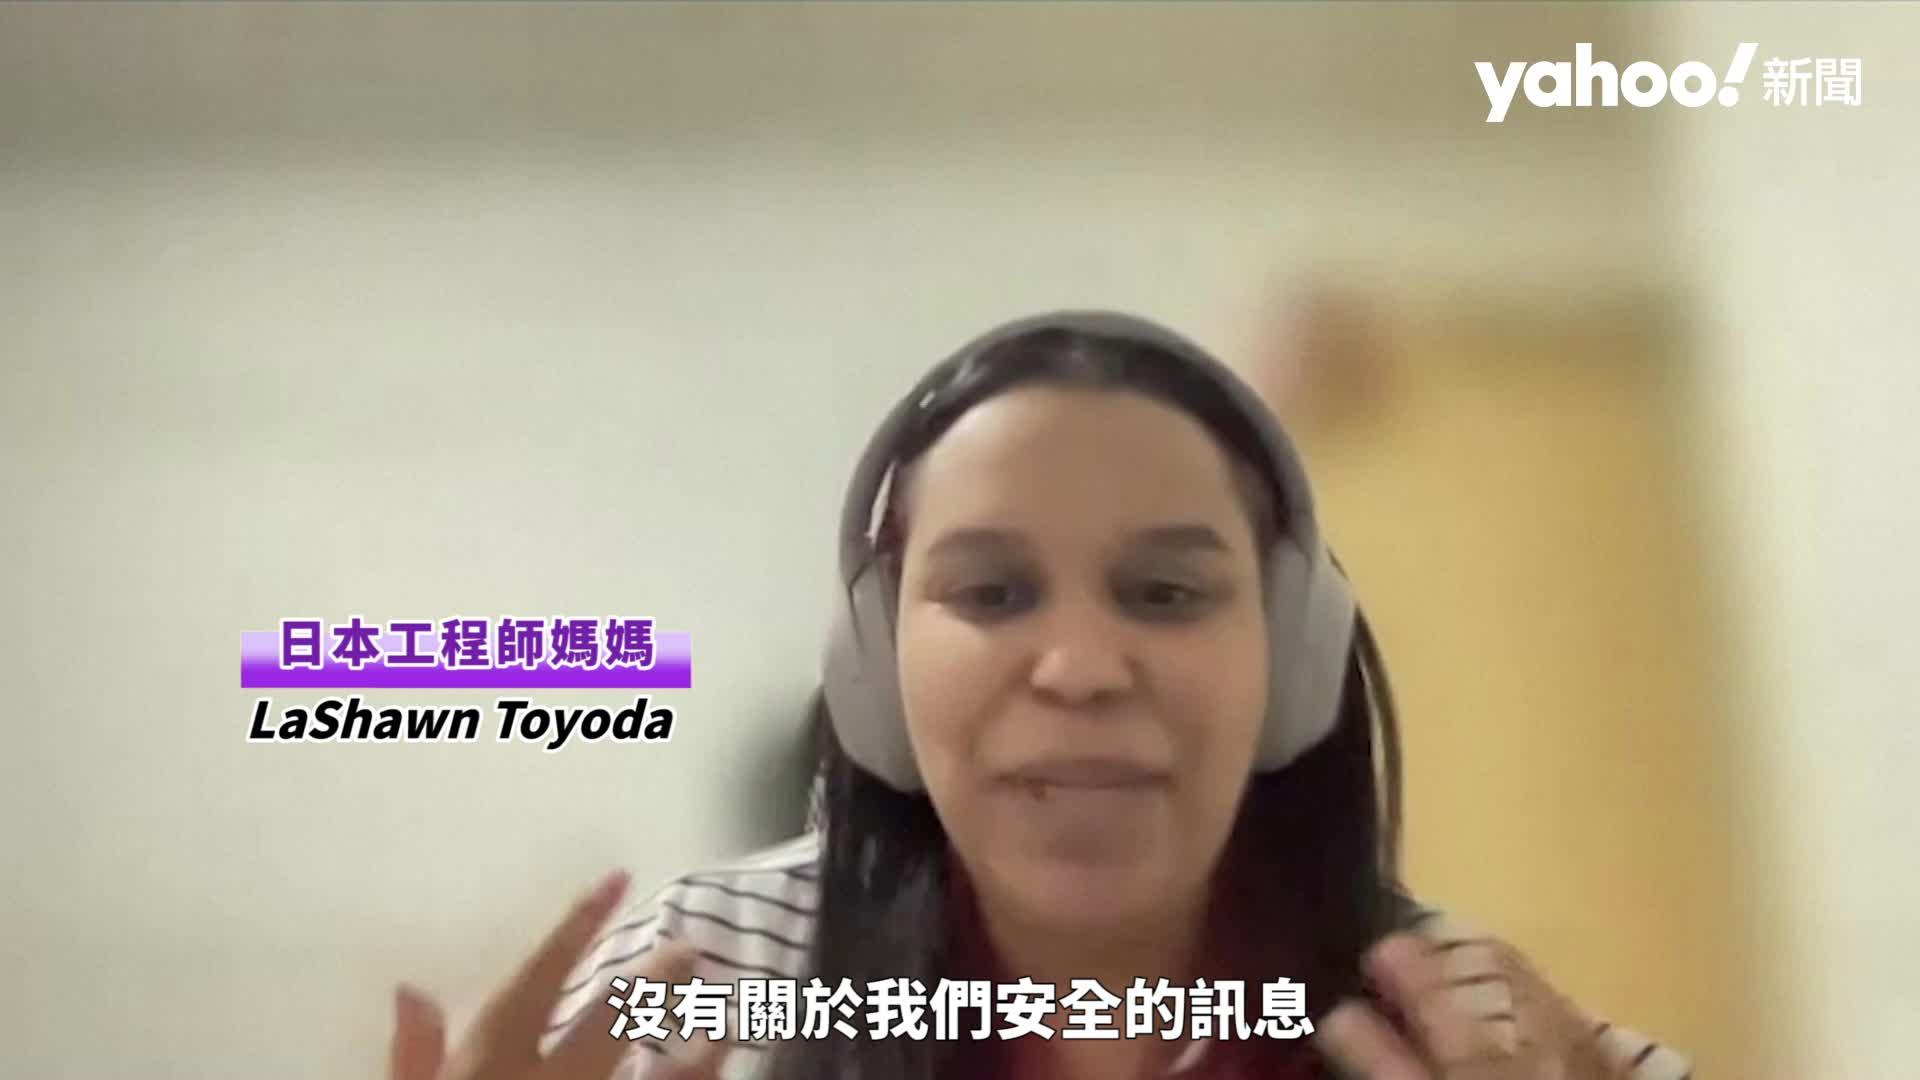 擔心日本移民打不到疫苗 工程師媽媽建19種語言資料庫助攻預約